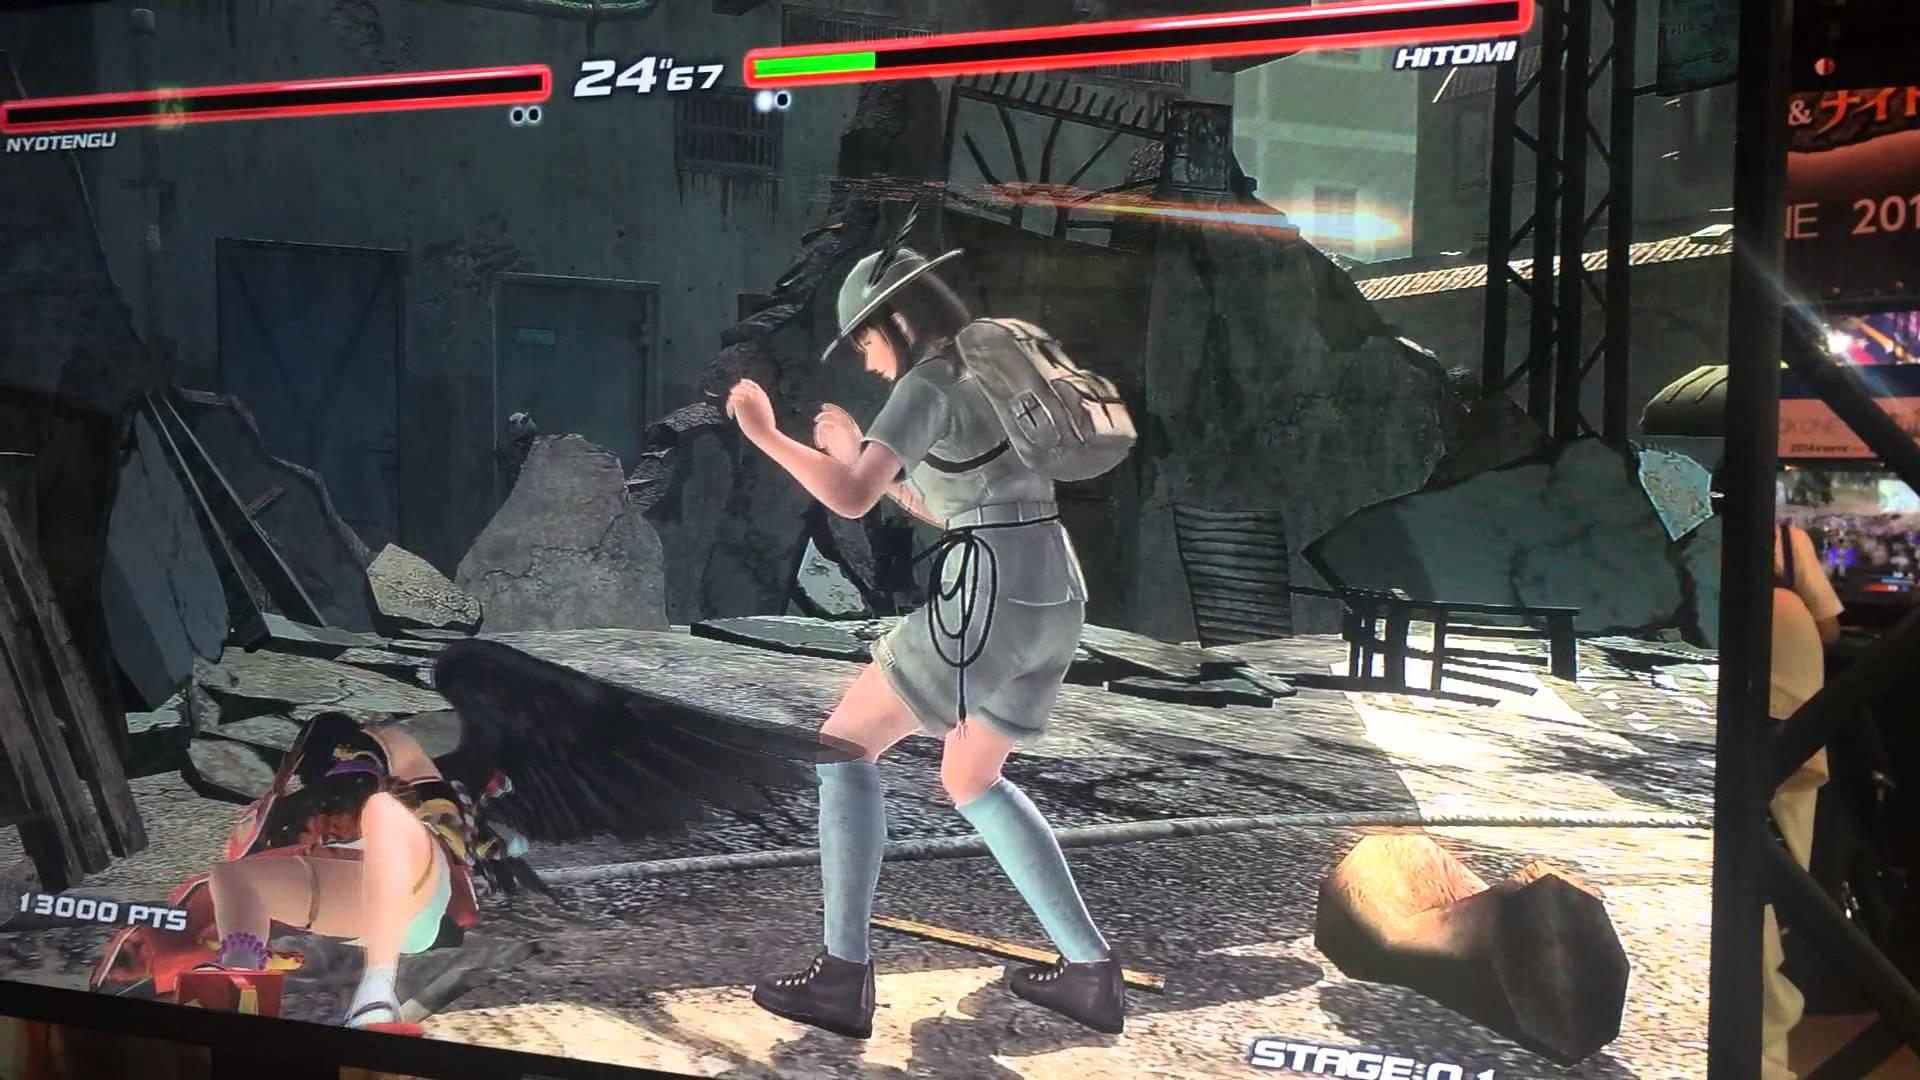 """PS4/XB1版『デッドオアアライブ5 Last Round』人肌の""""温もり""""や""""柔らかさ""""を表現する「やわらかエンジン」実装-次回作はおそらく『6』、PS4へよりフォーカスした形で展開"""